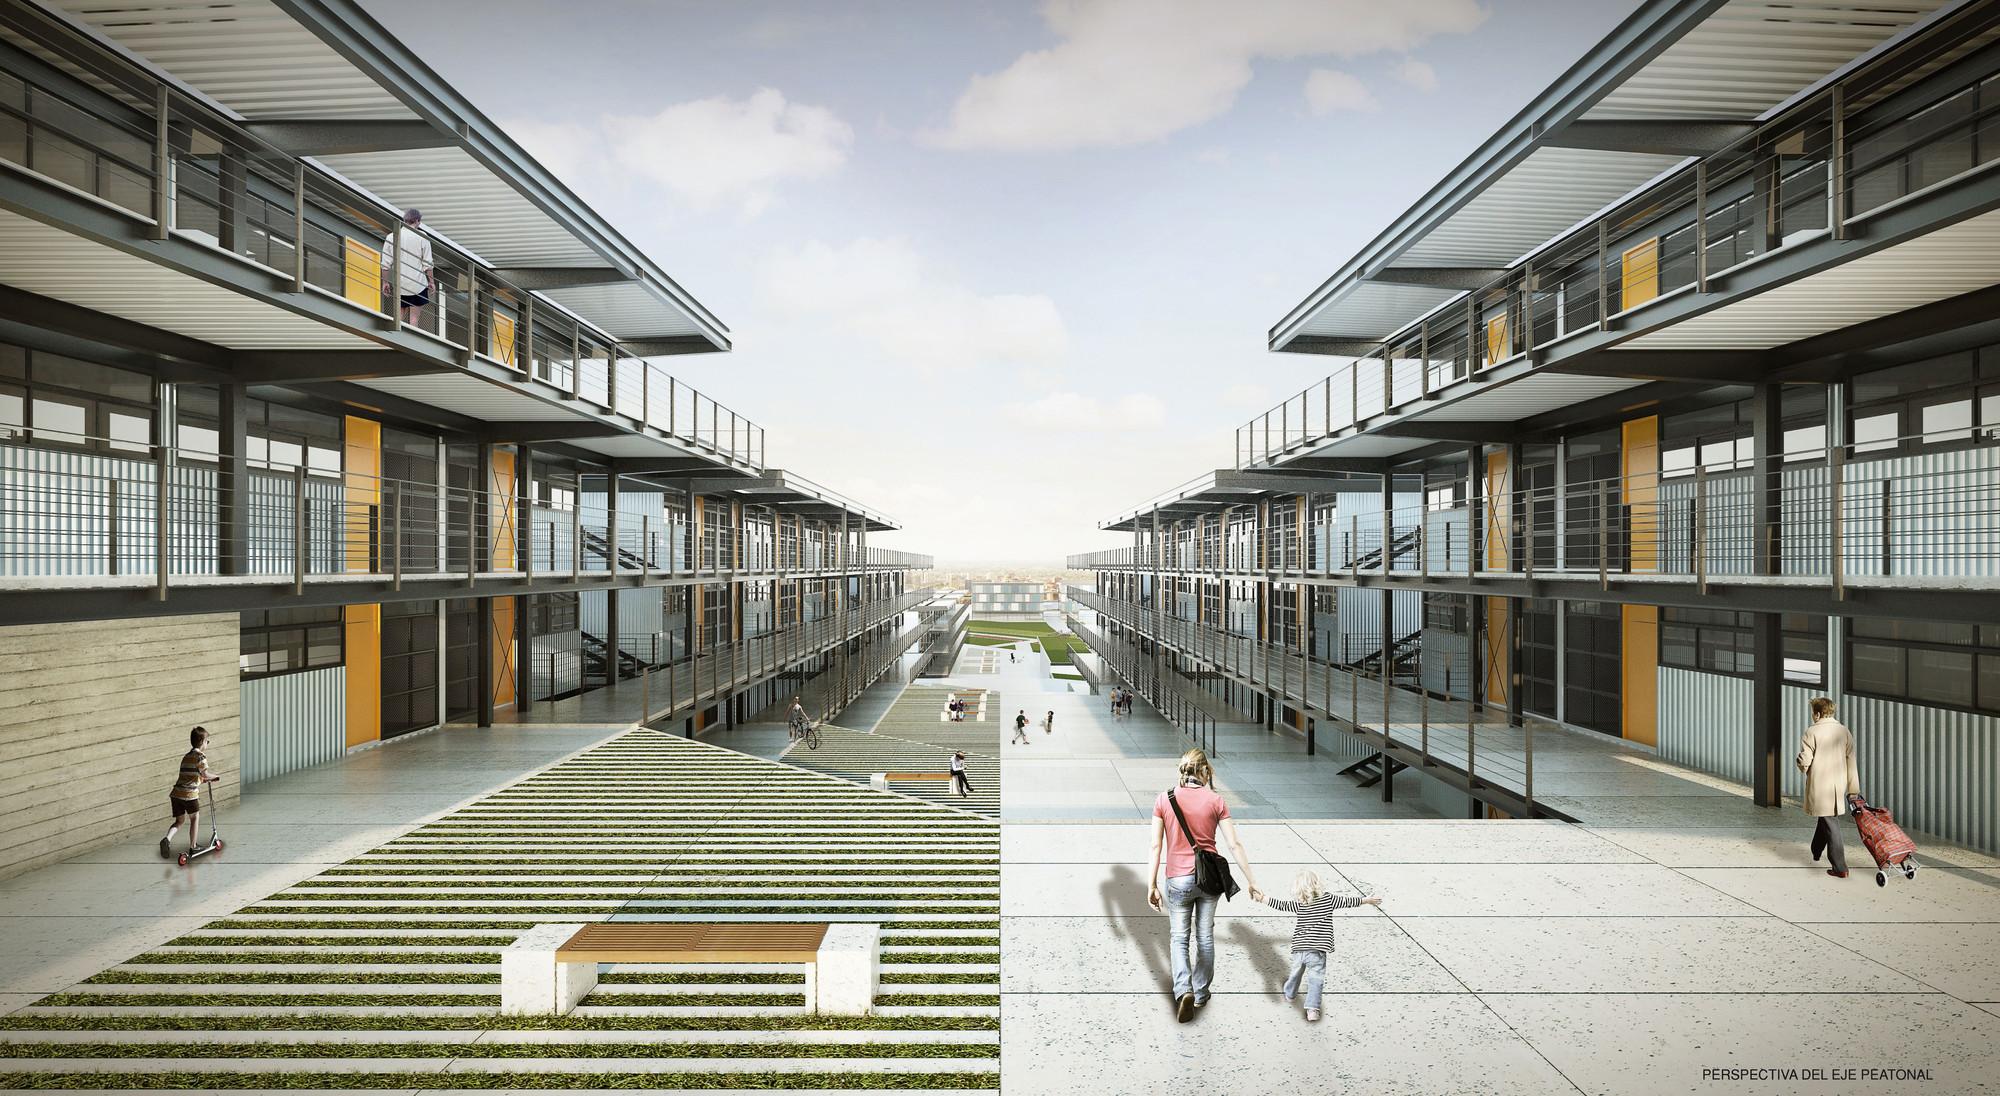 Brasil, Primer Lugar en VII Concurso Alacero de diseño en acero 2014 - Plataforma Arquitectura